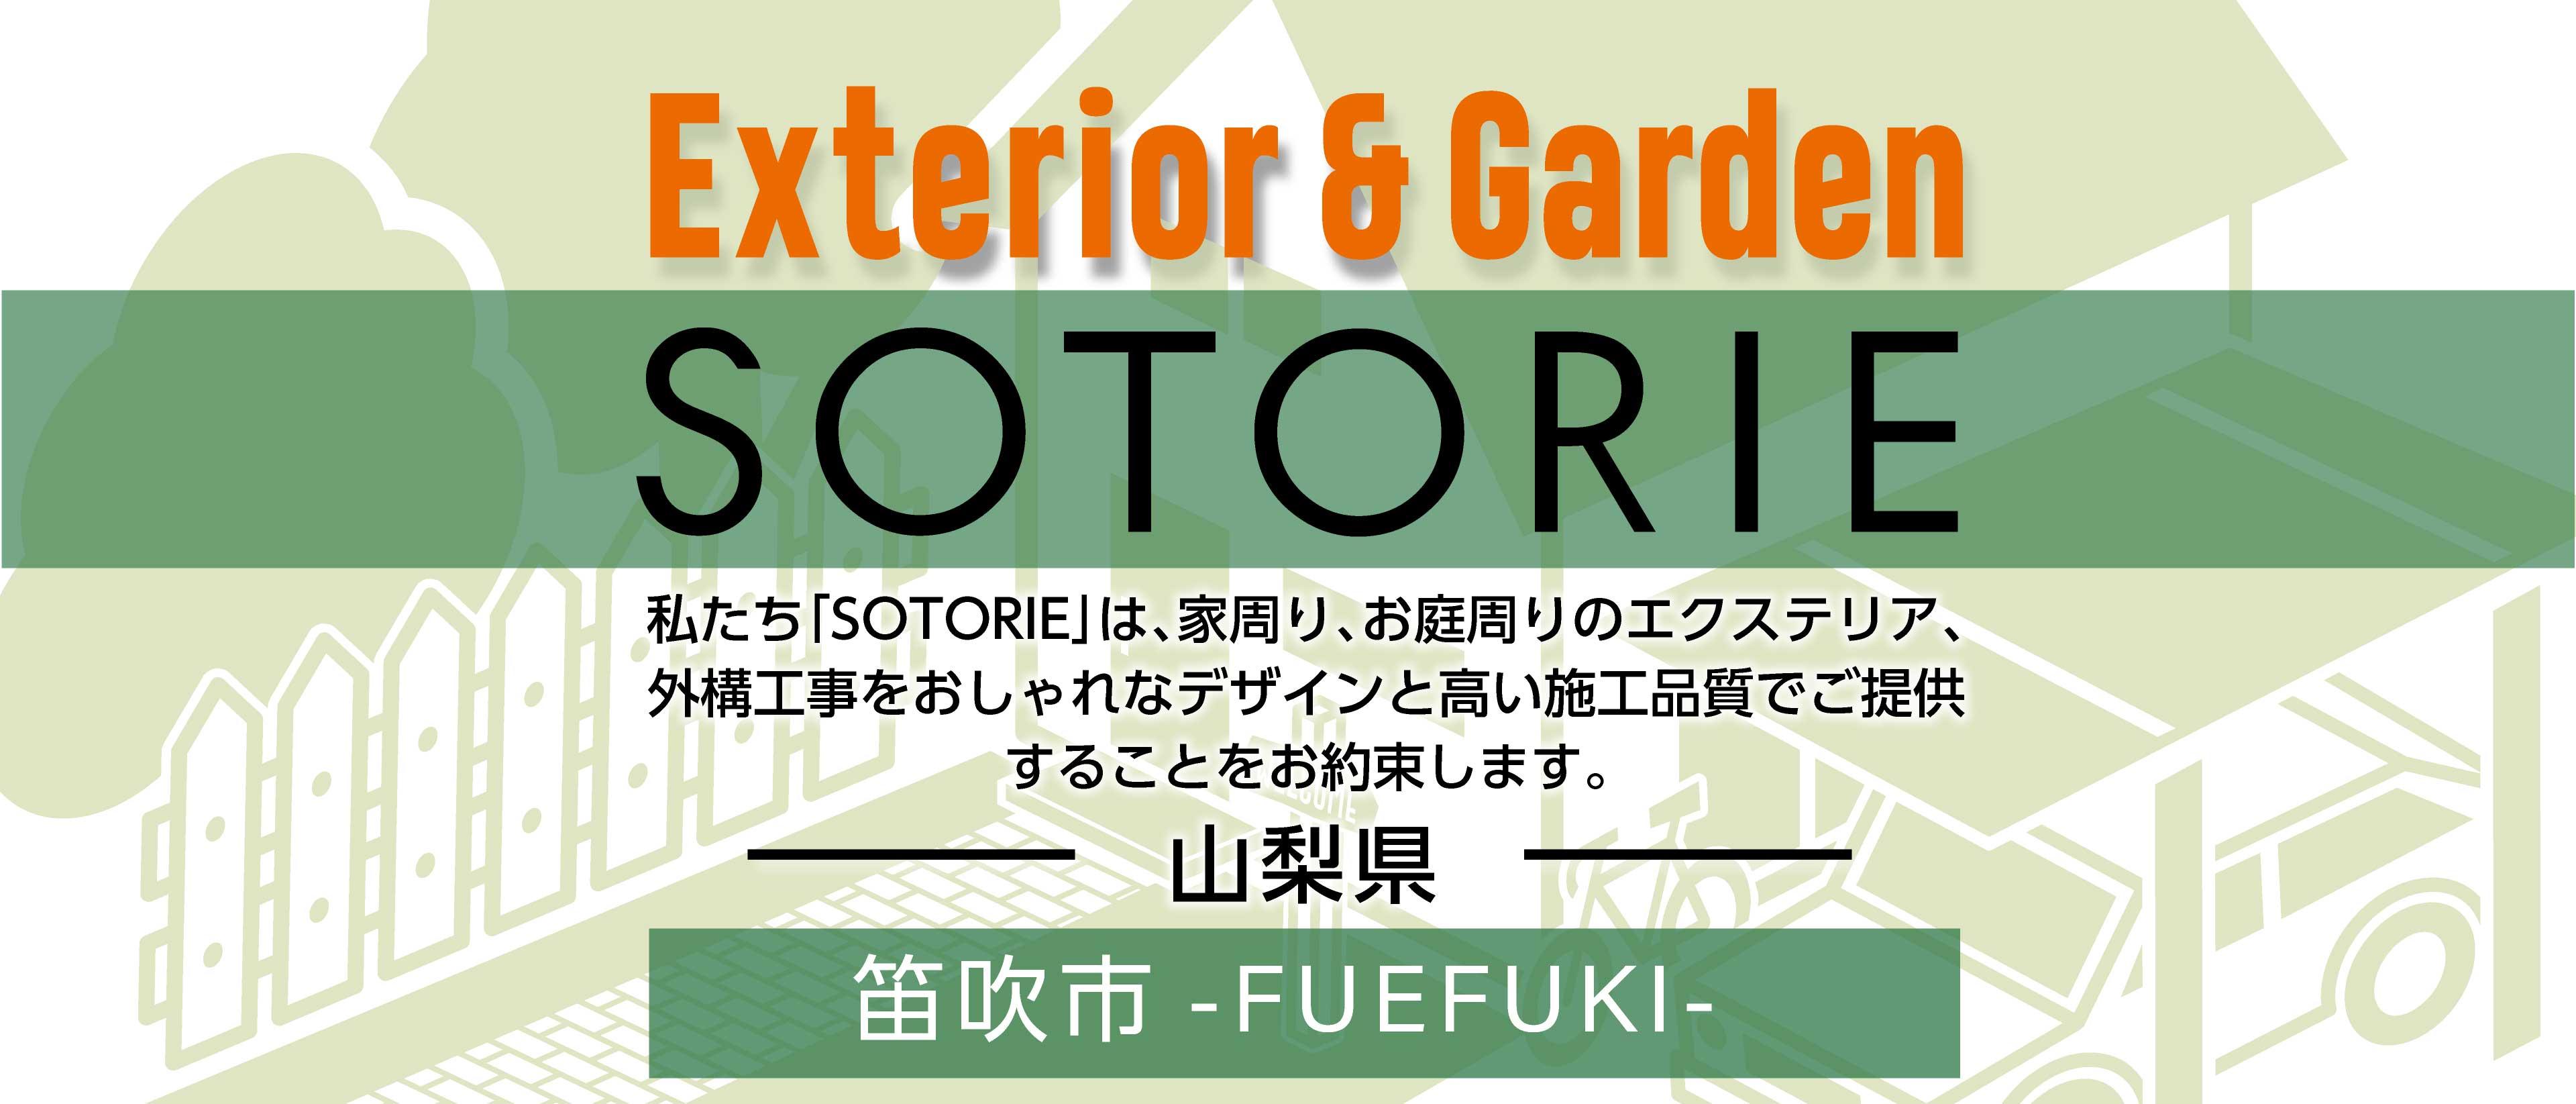 ソトリエ笛吹市では、家周りと庭周りの外構、エクステリア工事をおしゃれなデザインと高い施工品質でご提供することをお約束します。